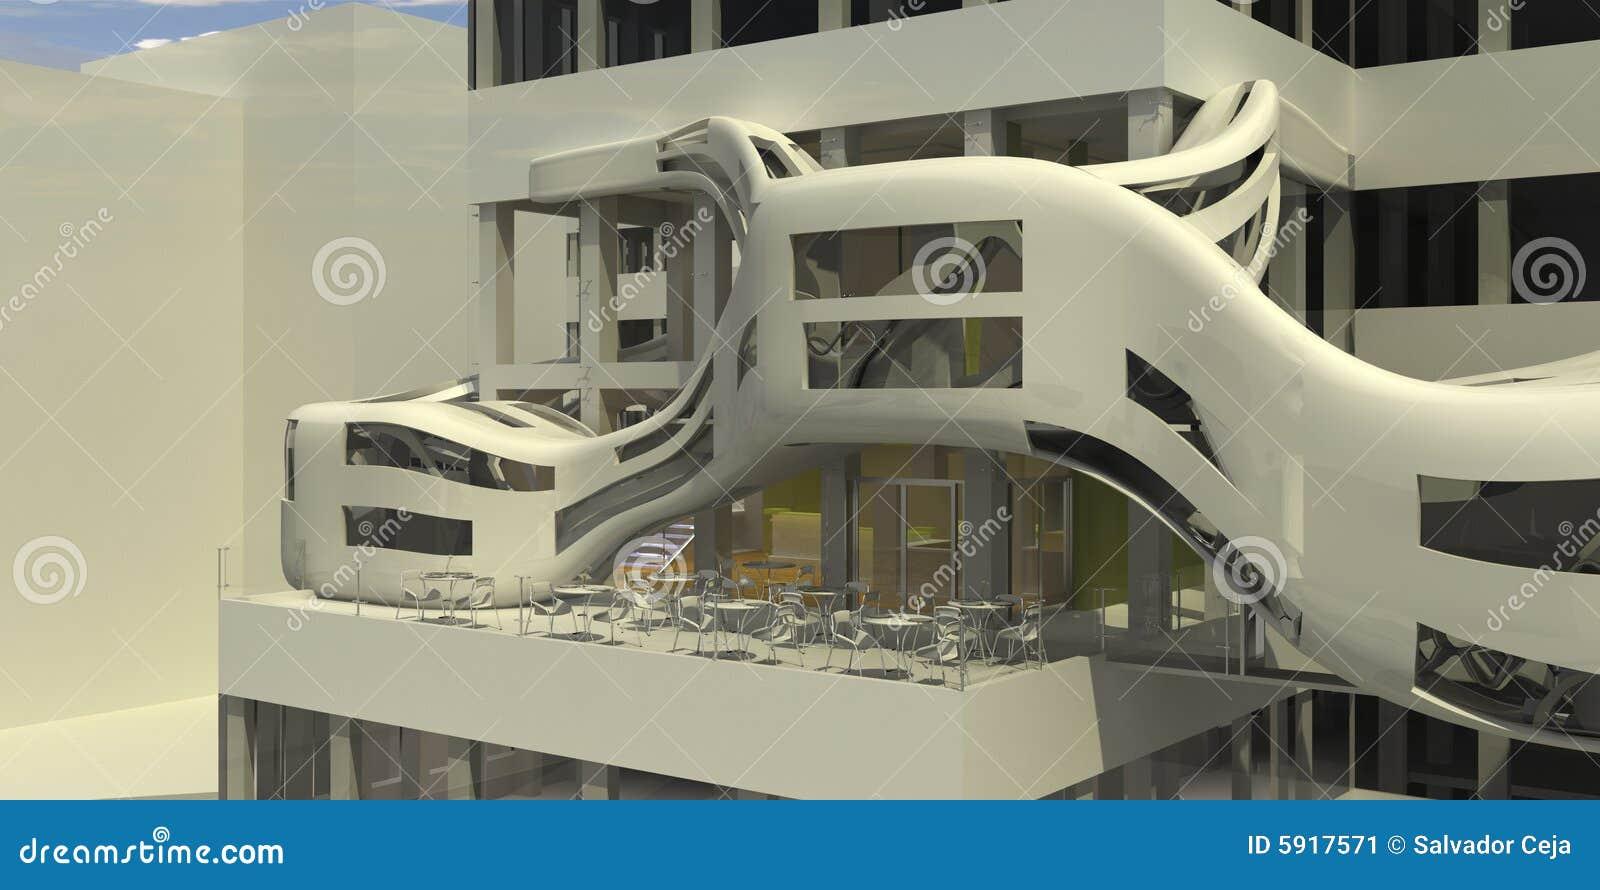 Futuristic cafe restaurant